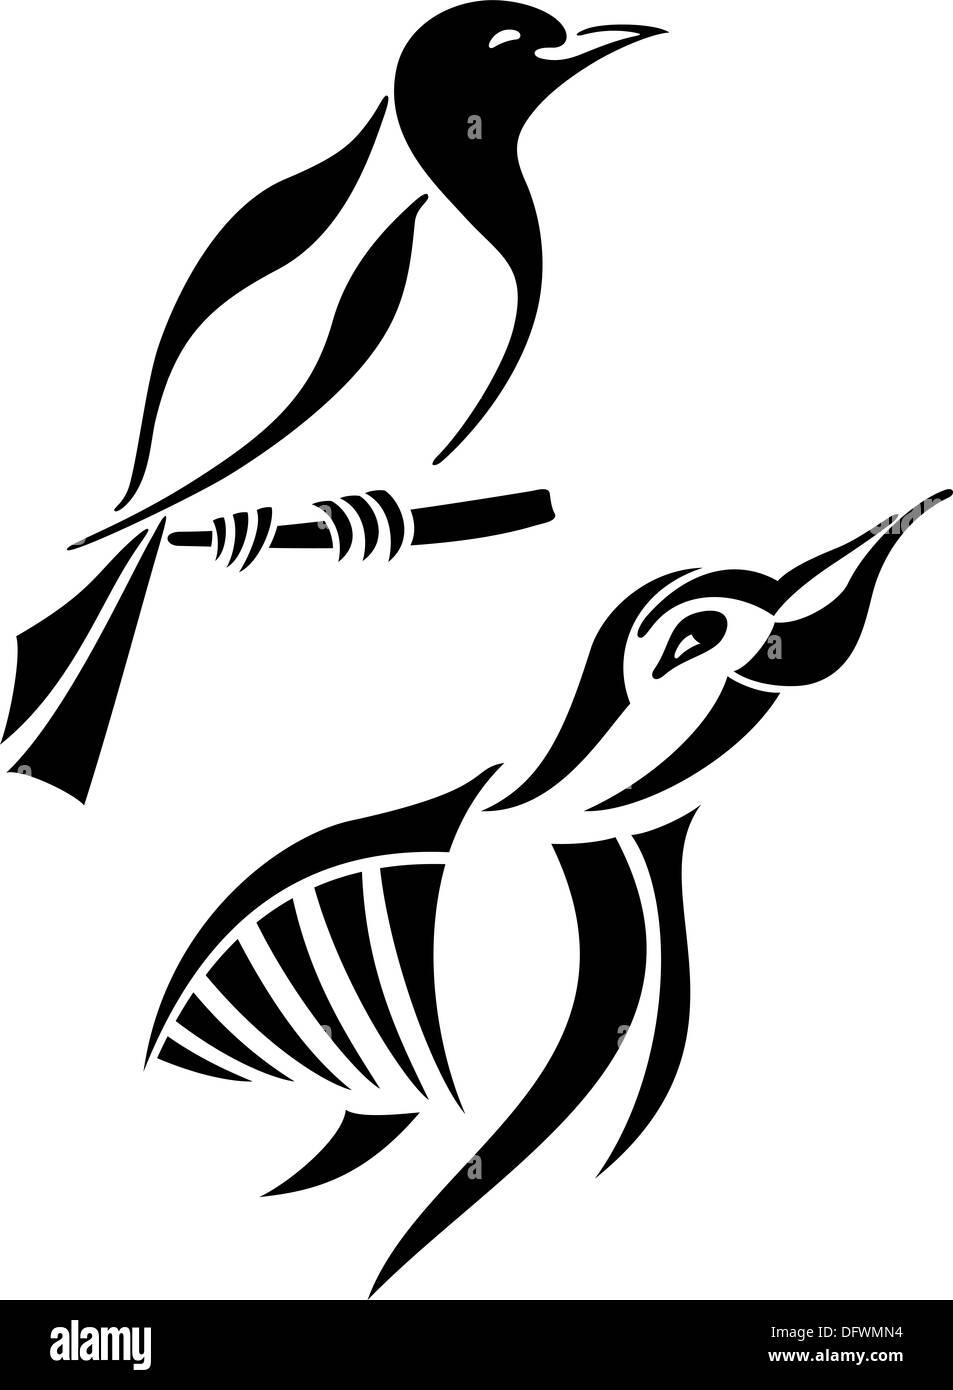 magpie bird symbolism